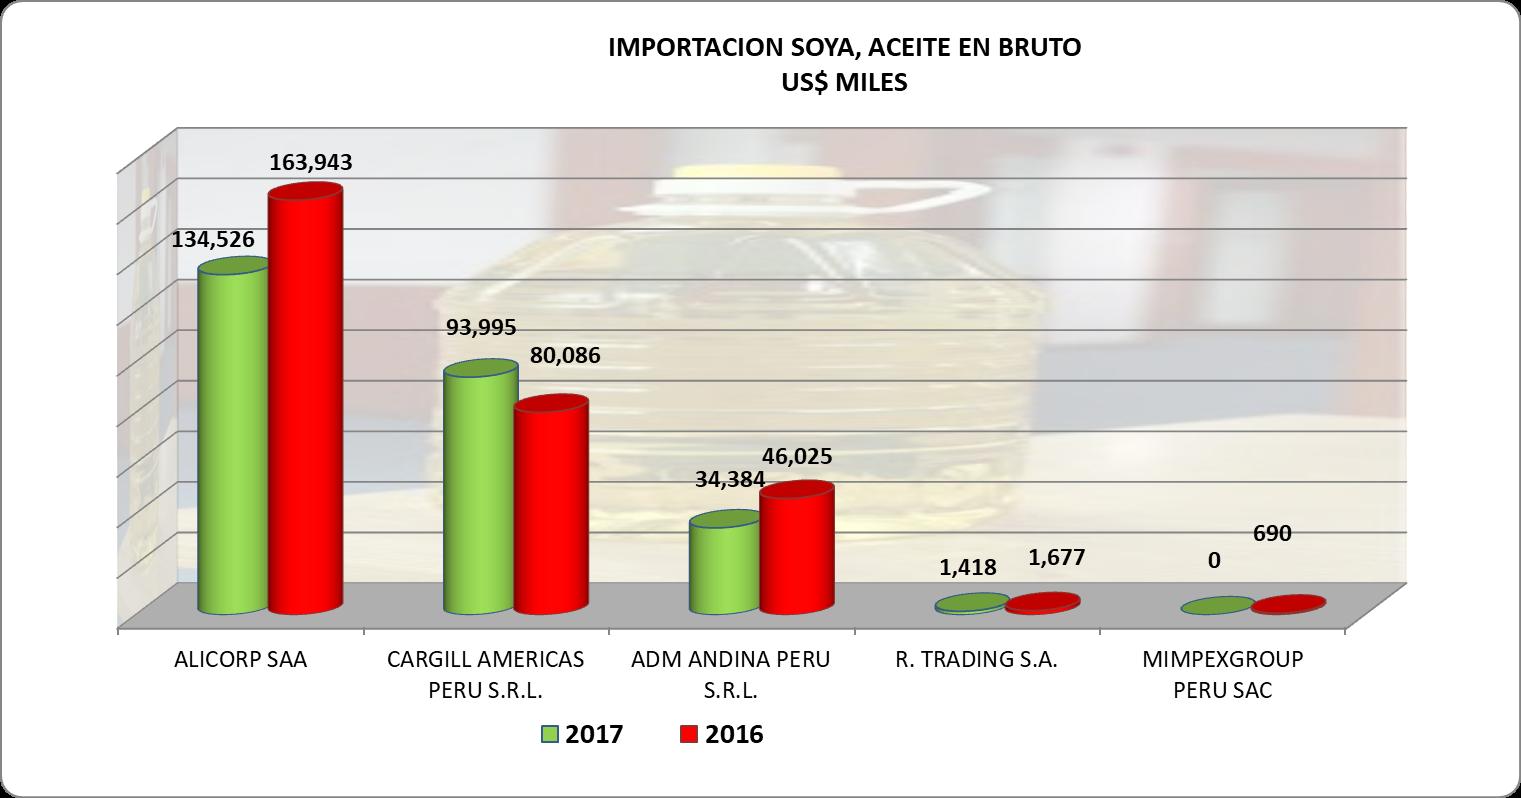 Soya Aceite en Bruto Perú Importación 2017 Octubre